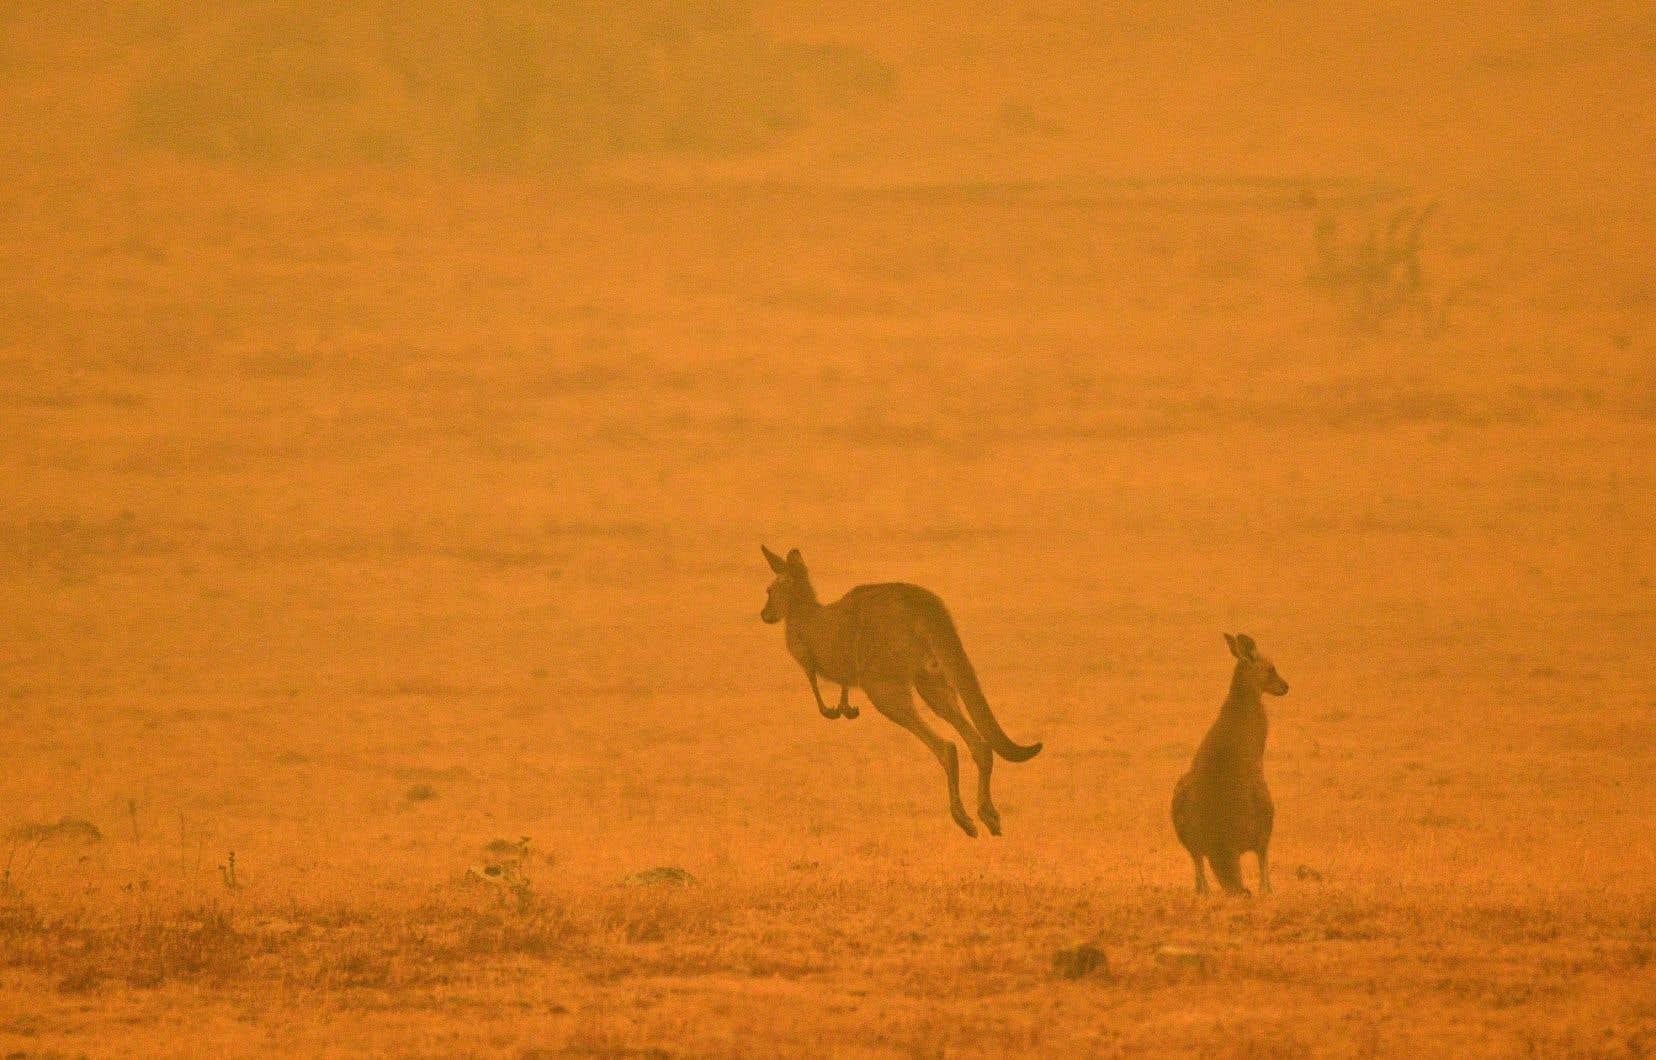 Des espèces iconiques de l'Australie comme le kangourou, le wallaby et le koala sont menacées par les incendies qui ravagent le pays.